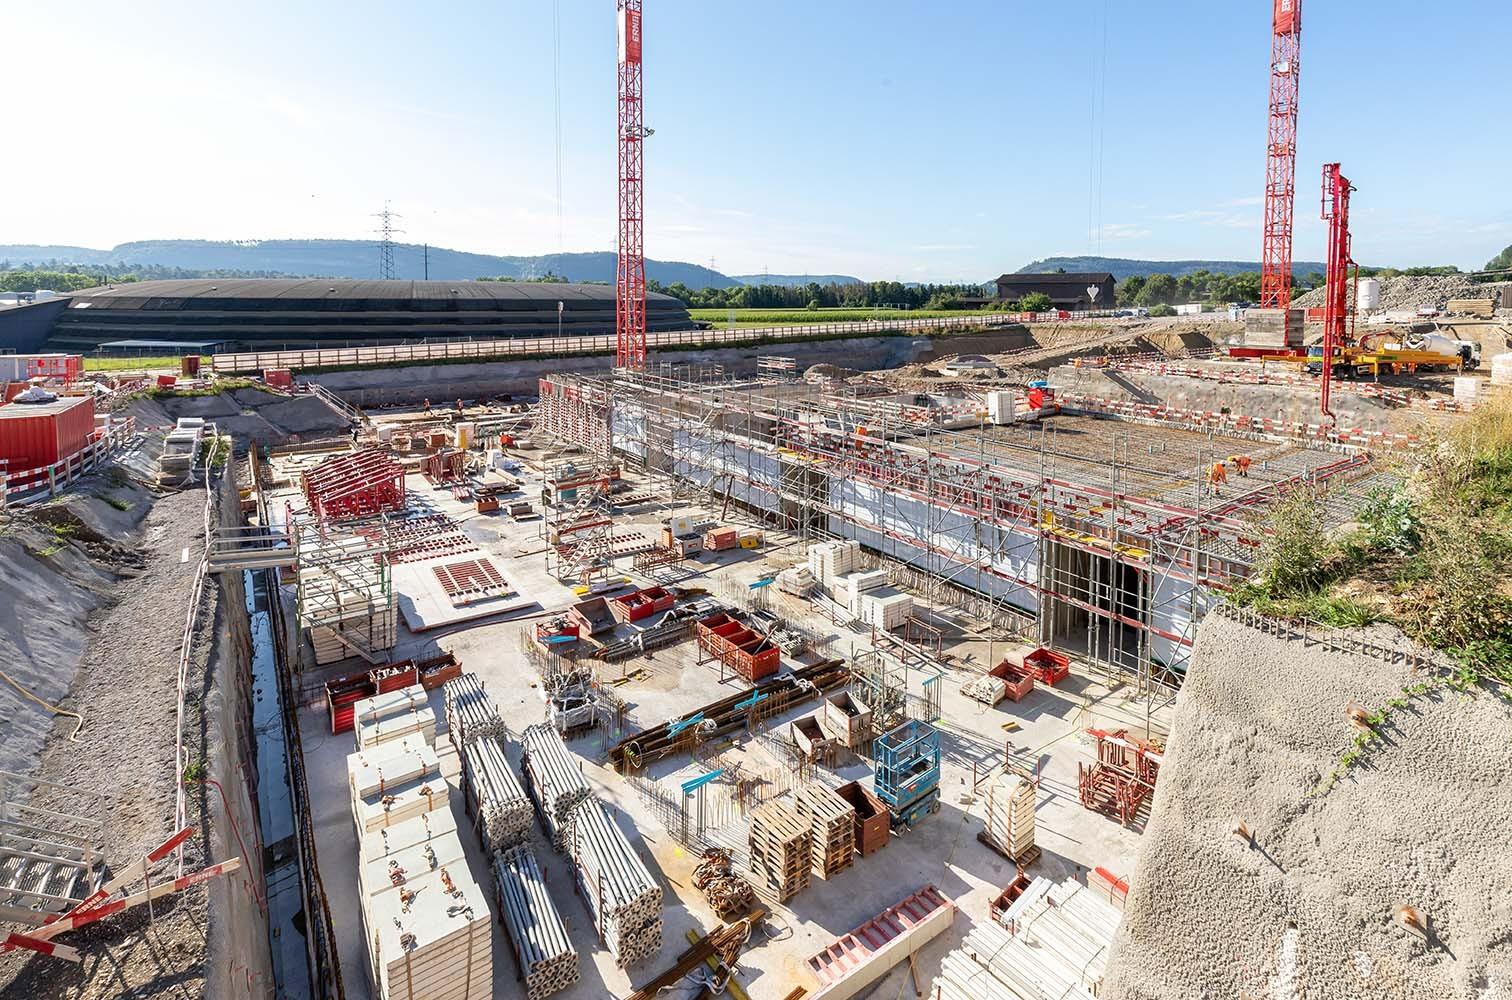 Baustelle für Neubau bei Park Innovaage im August 2020